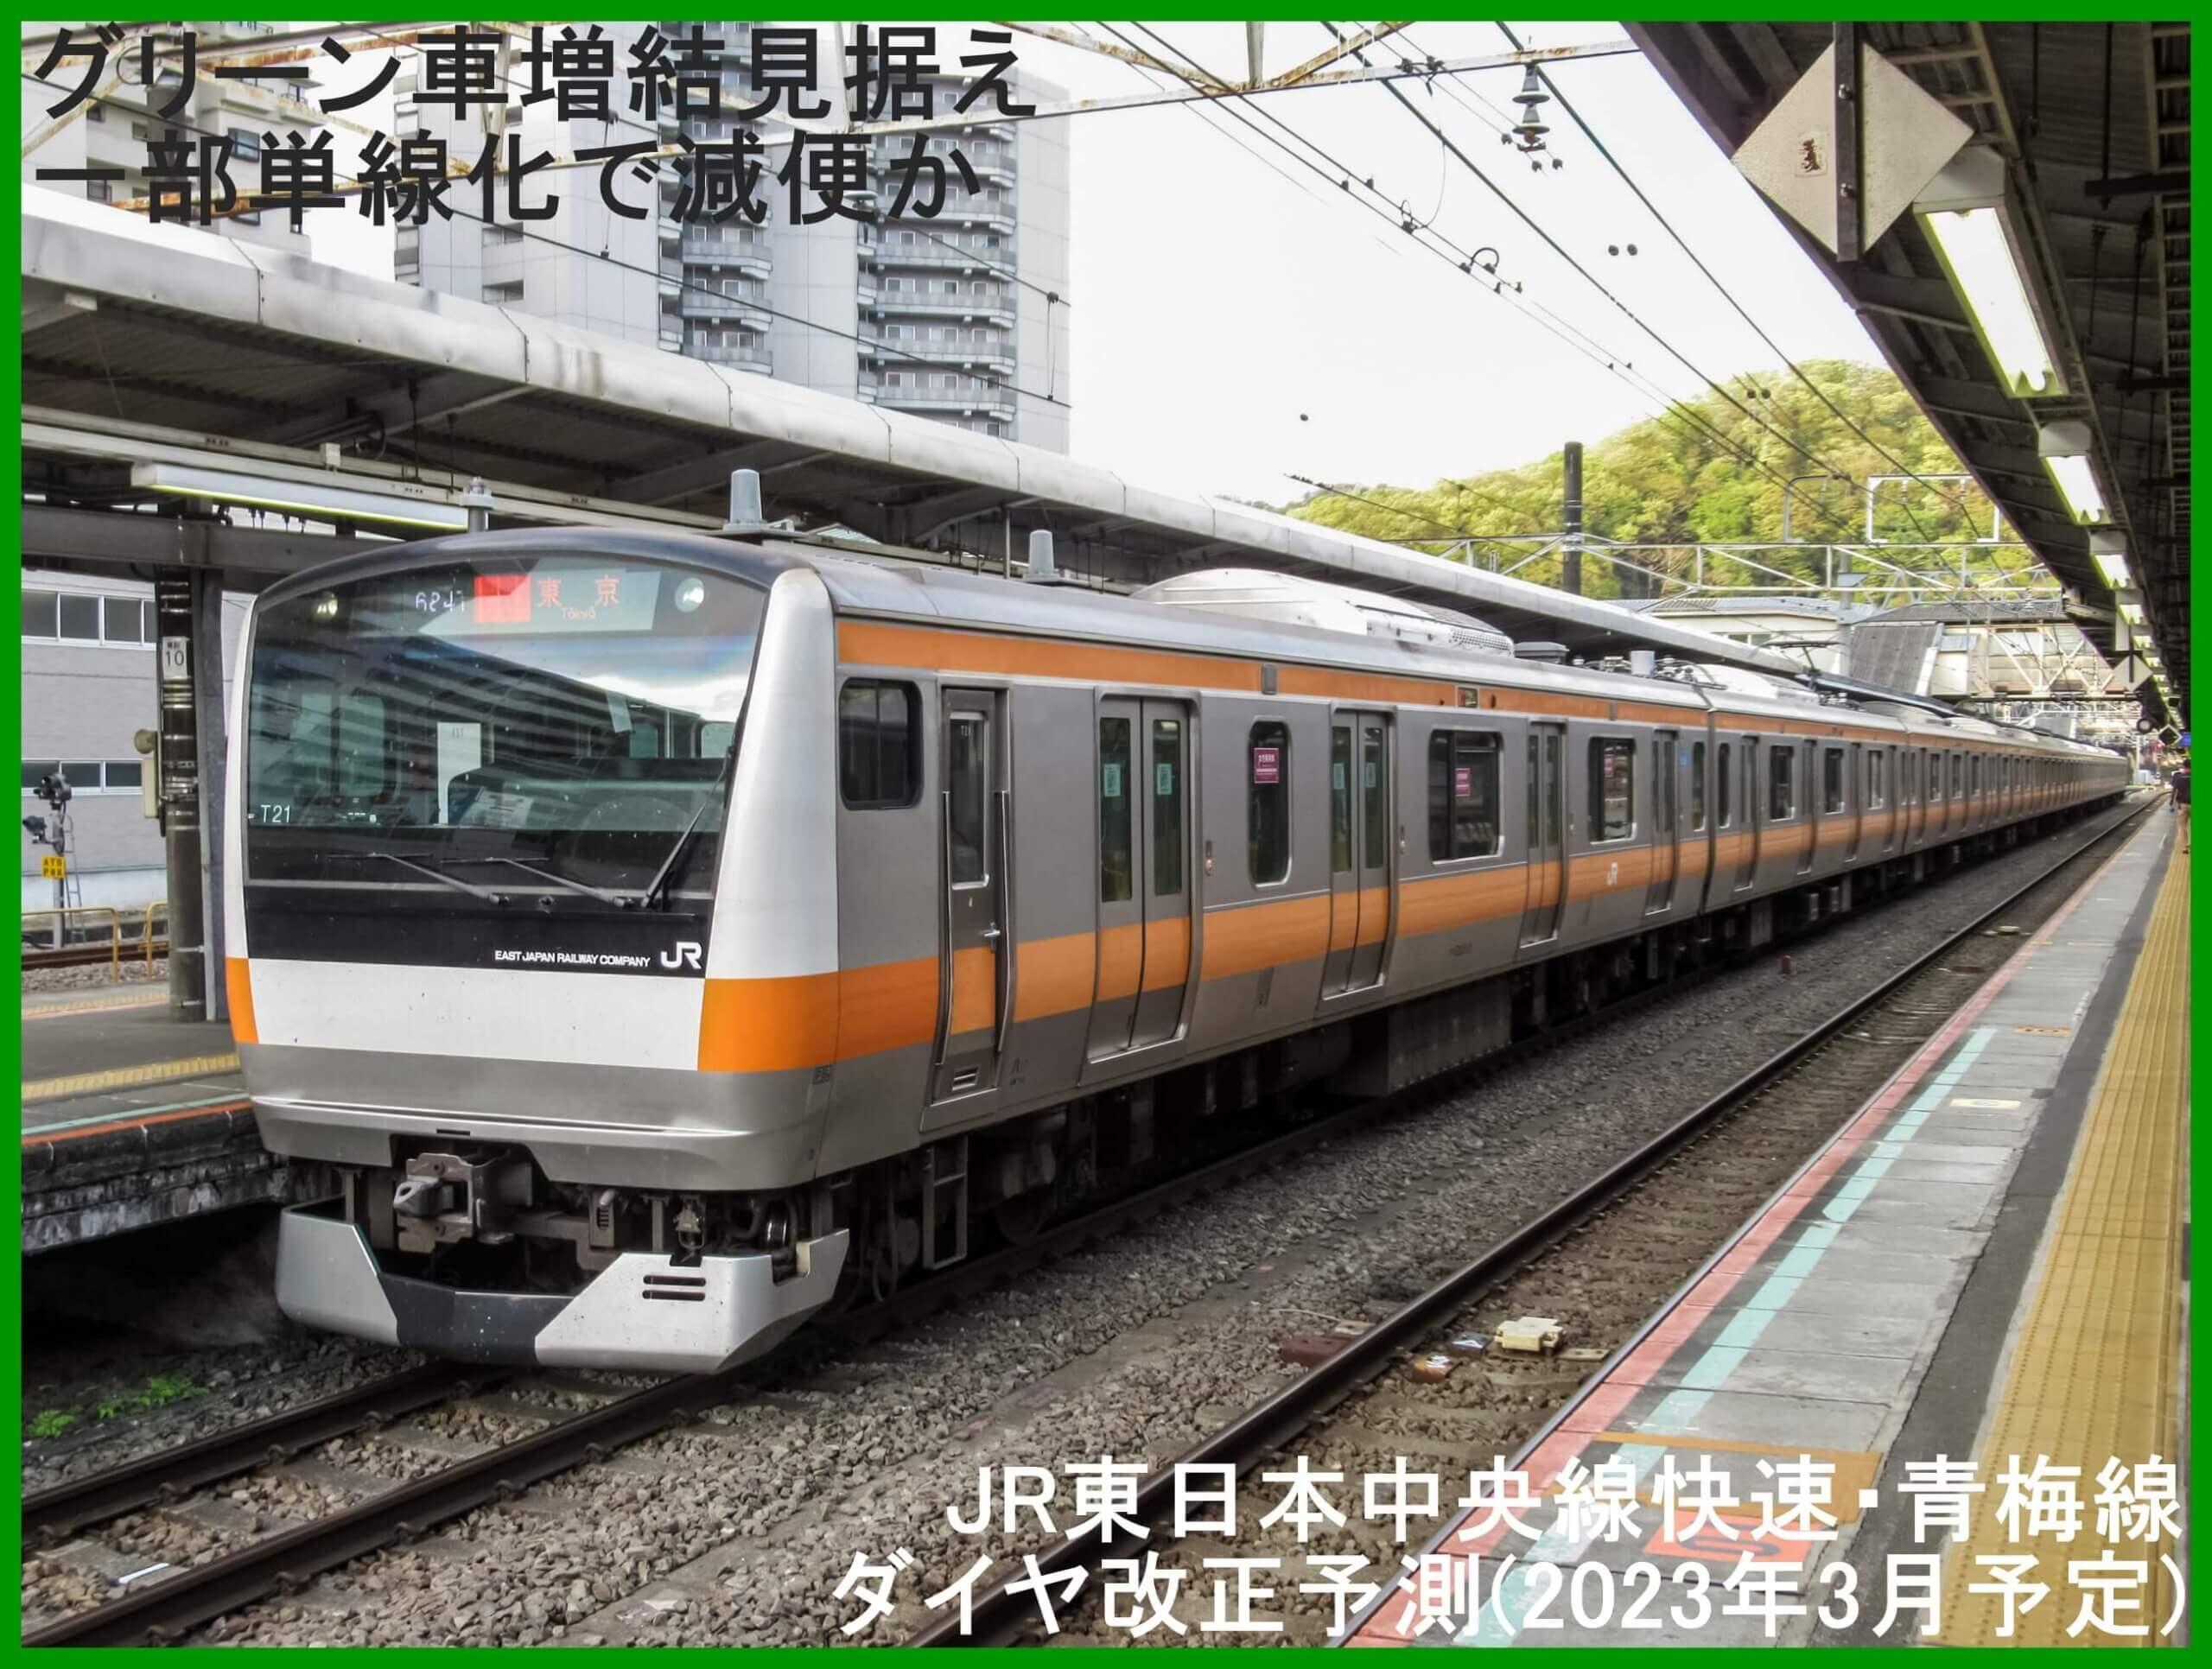 グリーン車増結見据え一部単線化で減便か JR東日本中央線快速・青梅線ダイヤ改正予測(2023年3月予定)